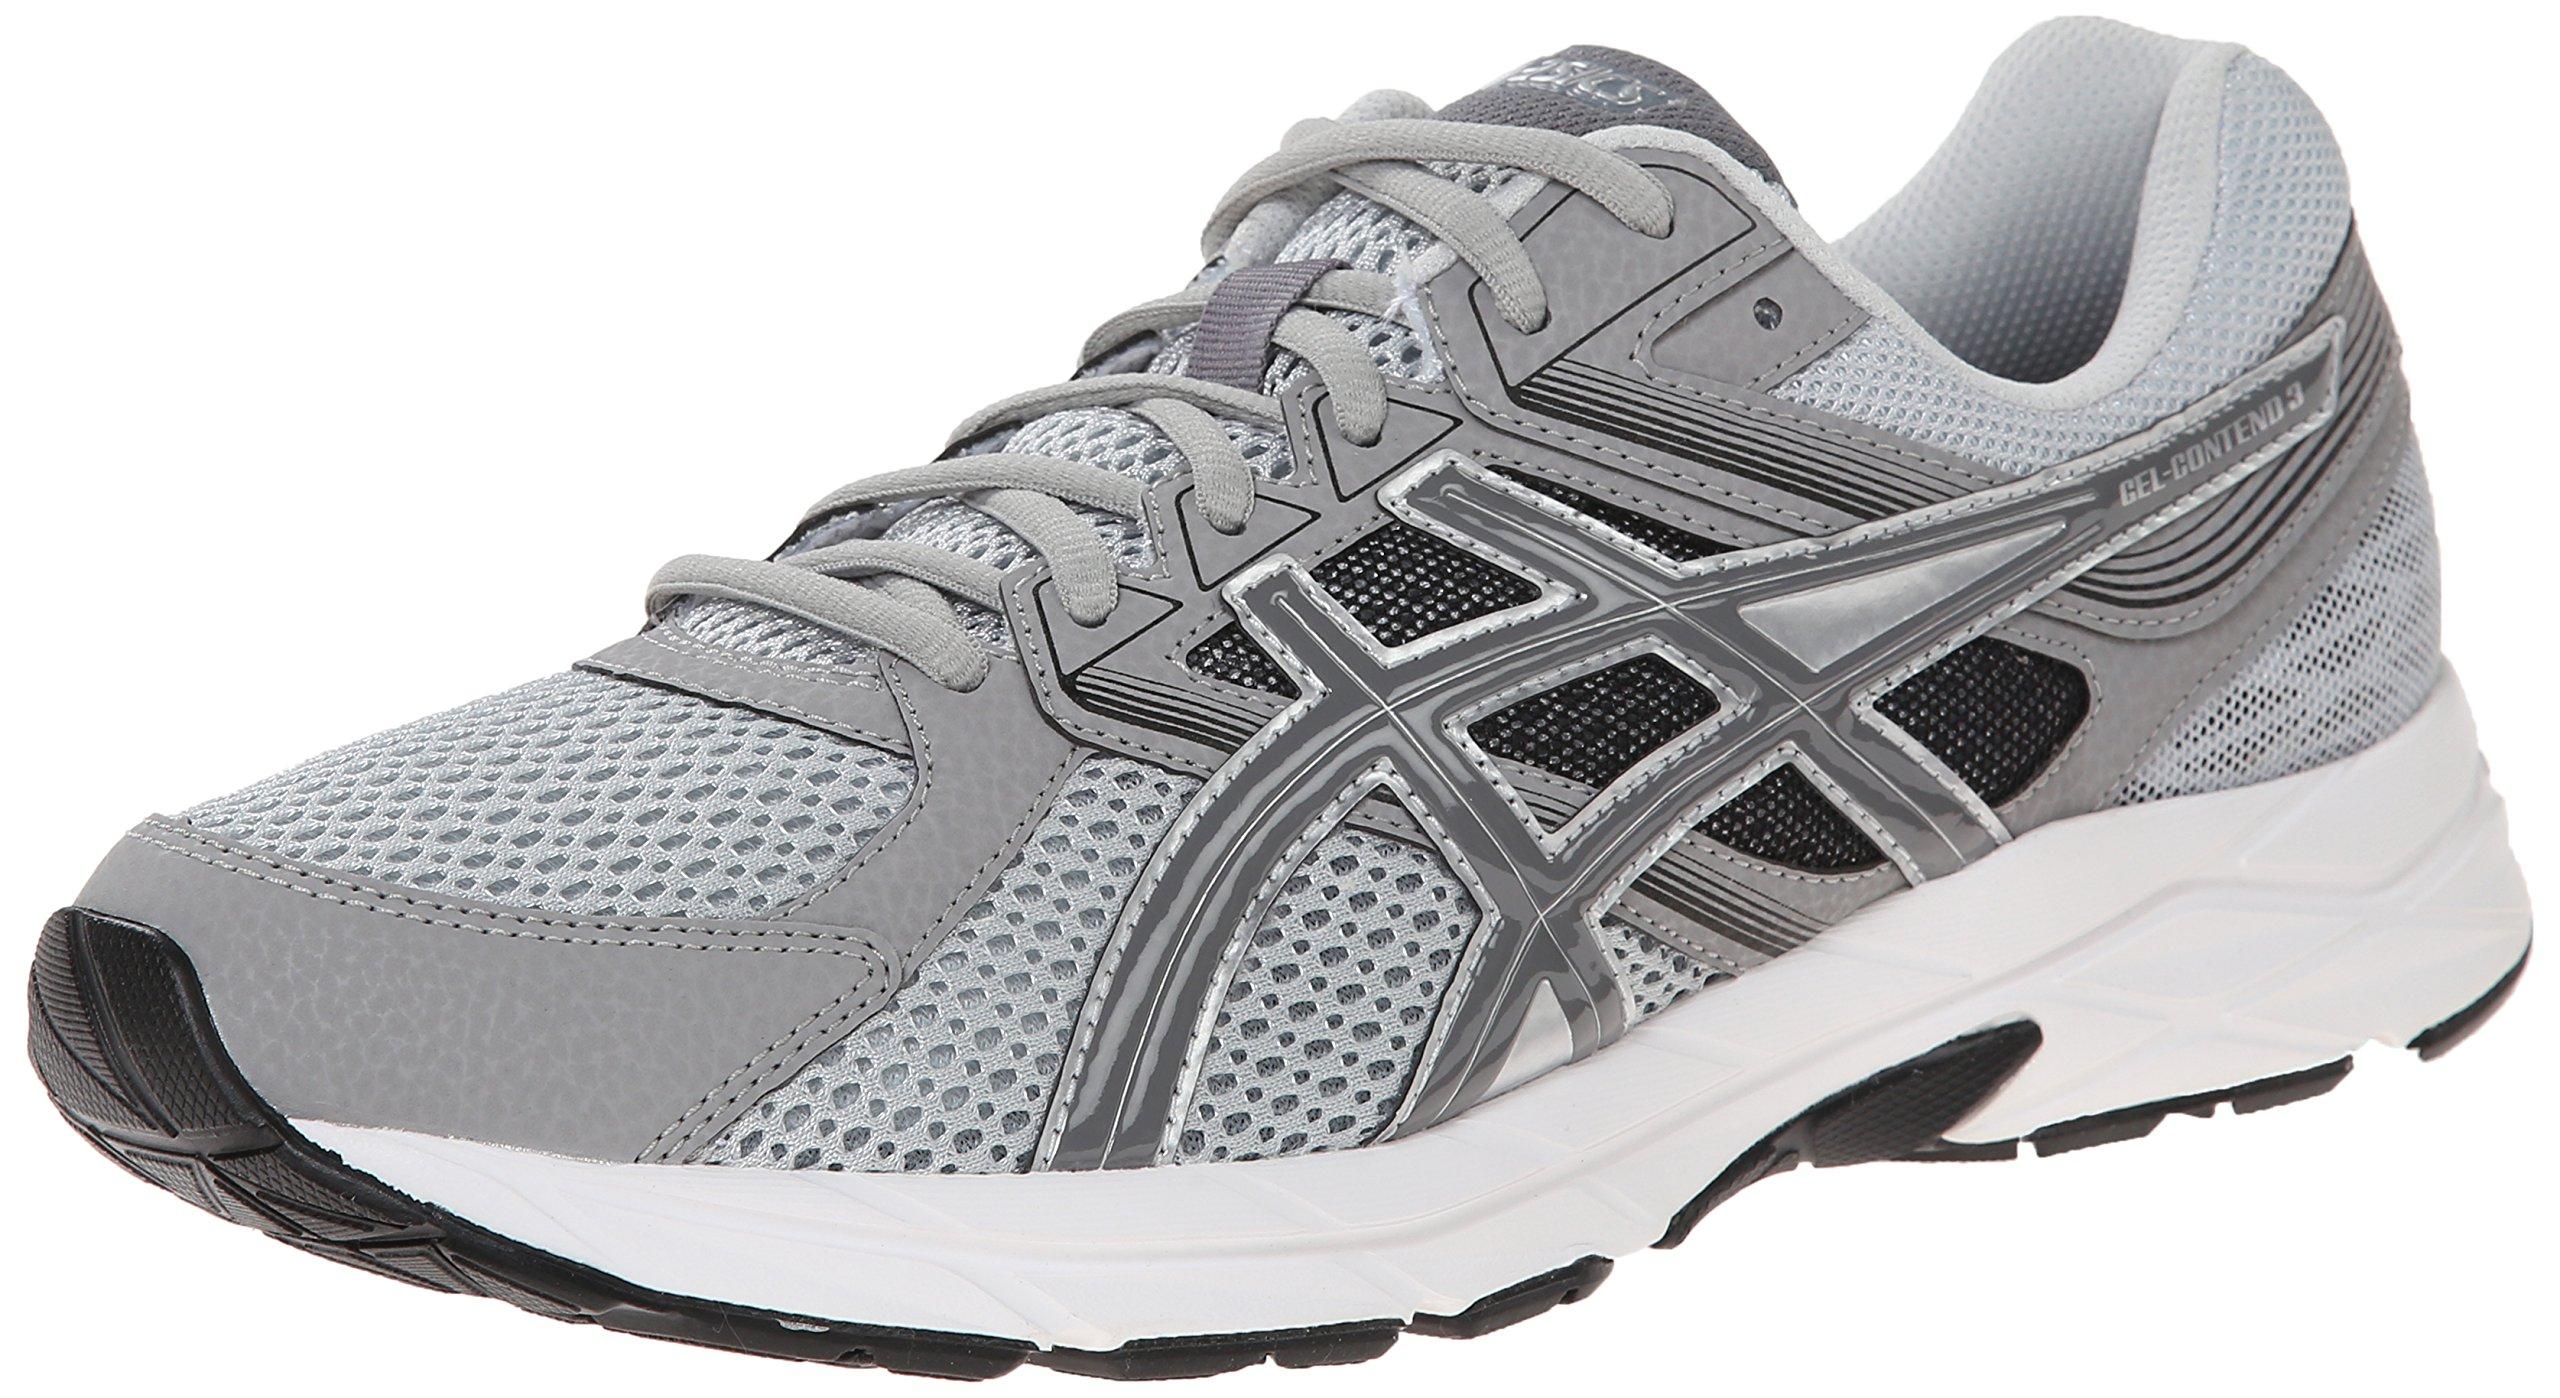 bc63100e1d53 Galleon - ASICS Men s Gel Contend 3 Running Shoe